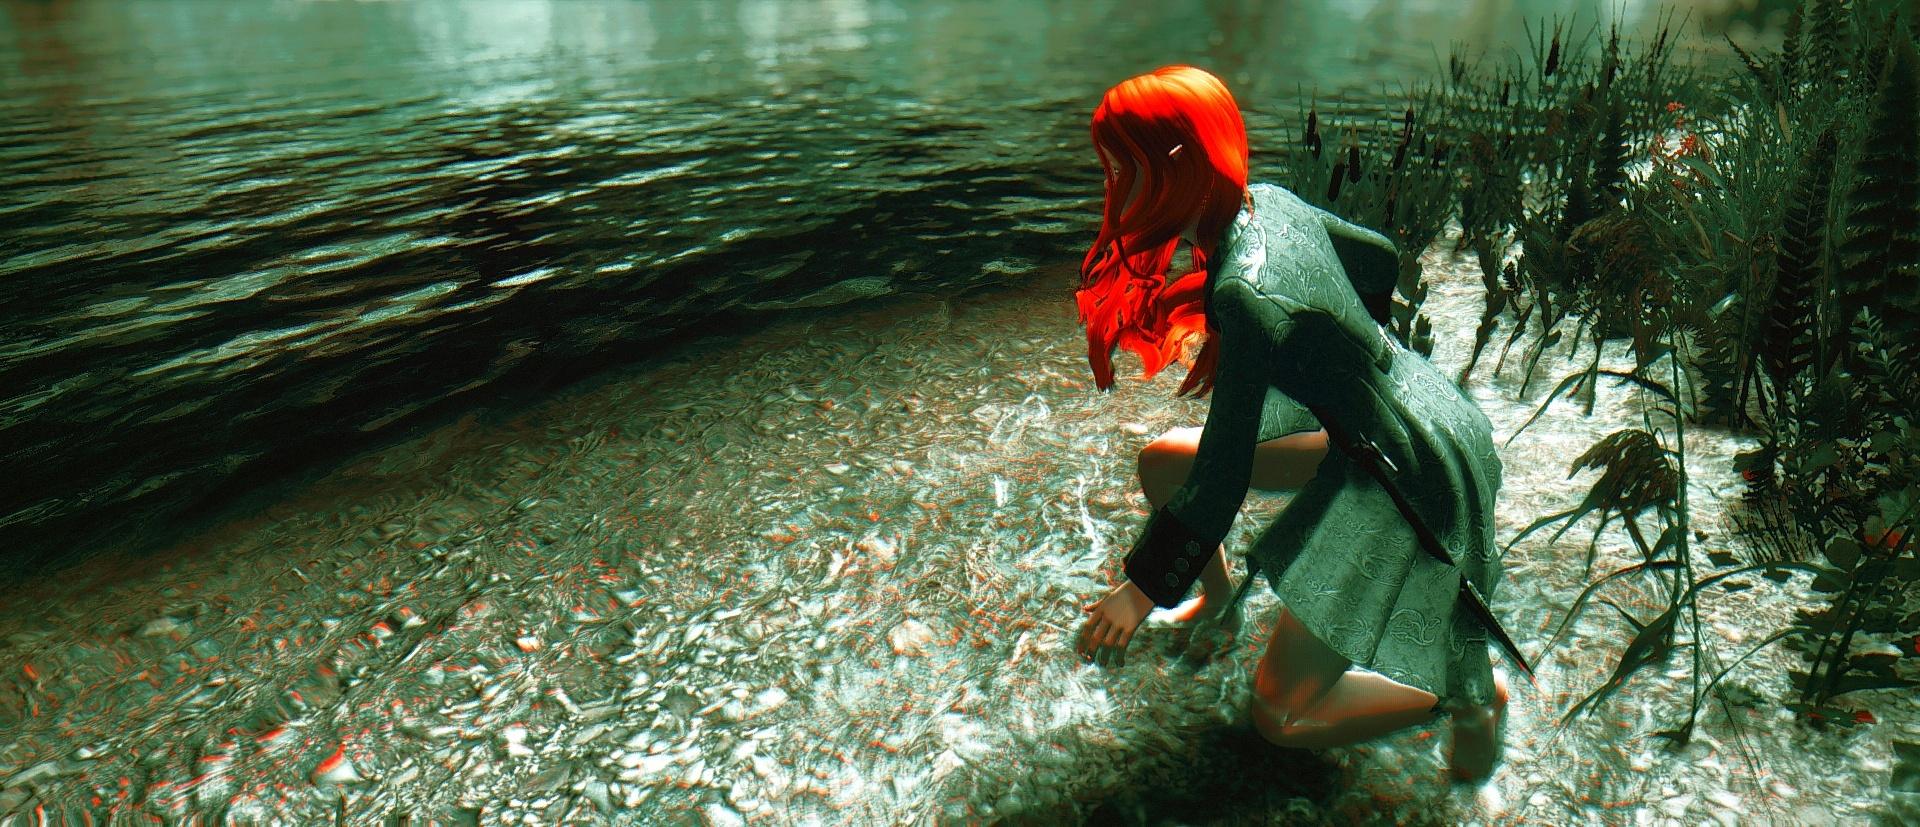 У воды 1.jpg - The Elder Scrolls 5: Skyrim